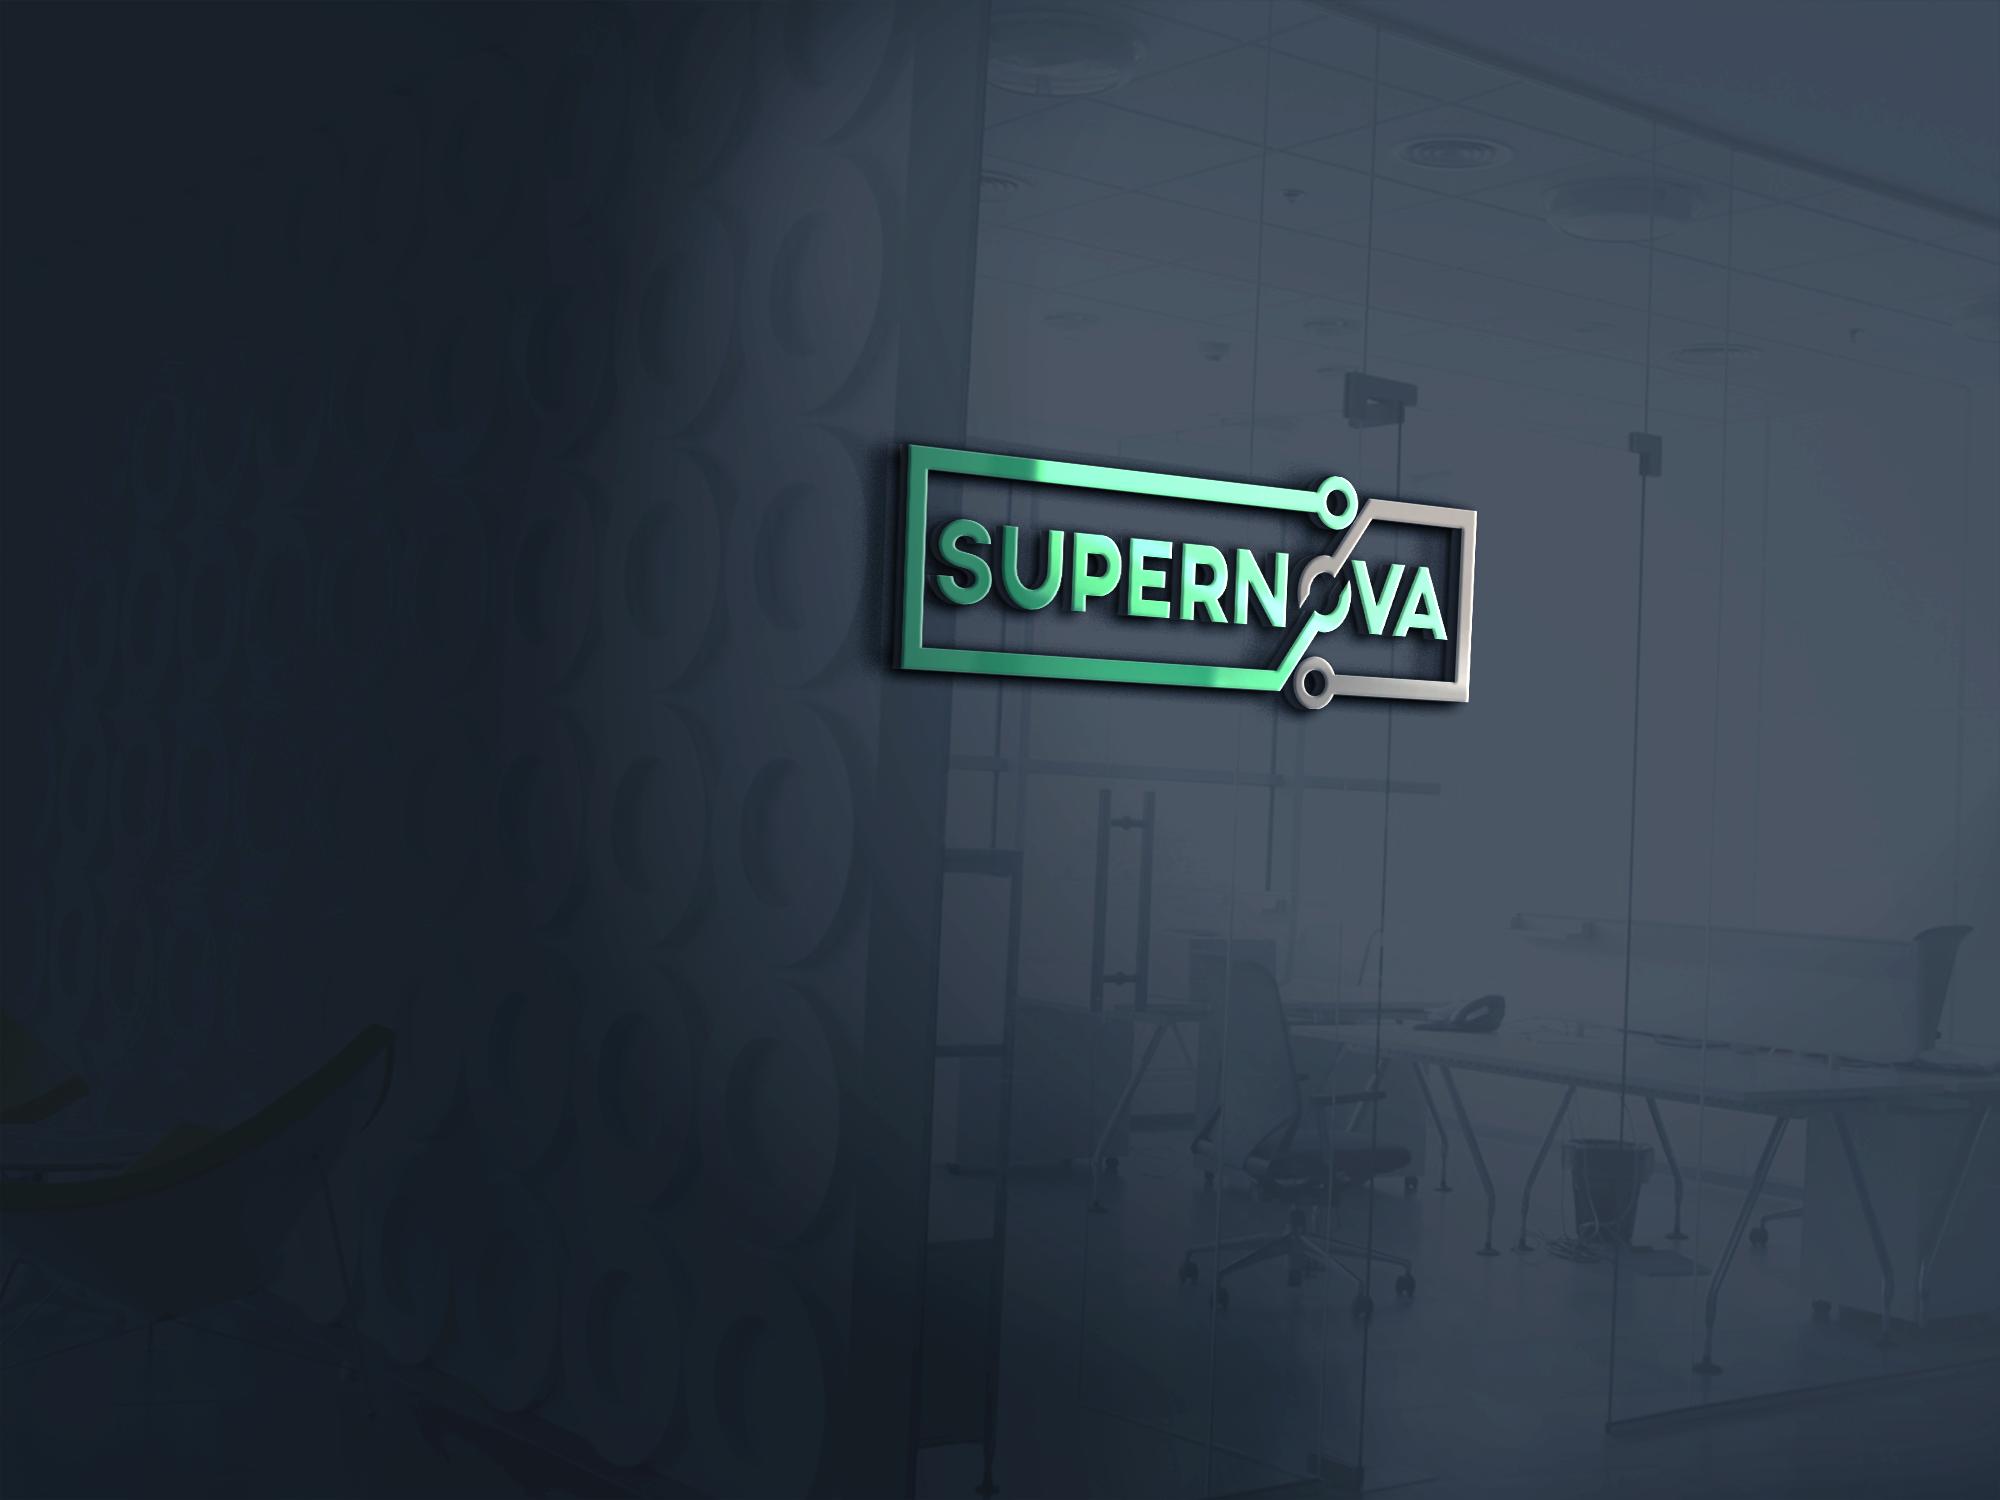 Logo Design by Ayrin Akter - Entry No. 201 in the Logo Design Contest Creative Logo Design for Supernova.